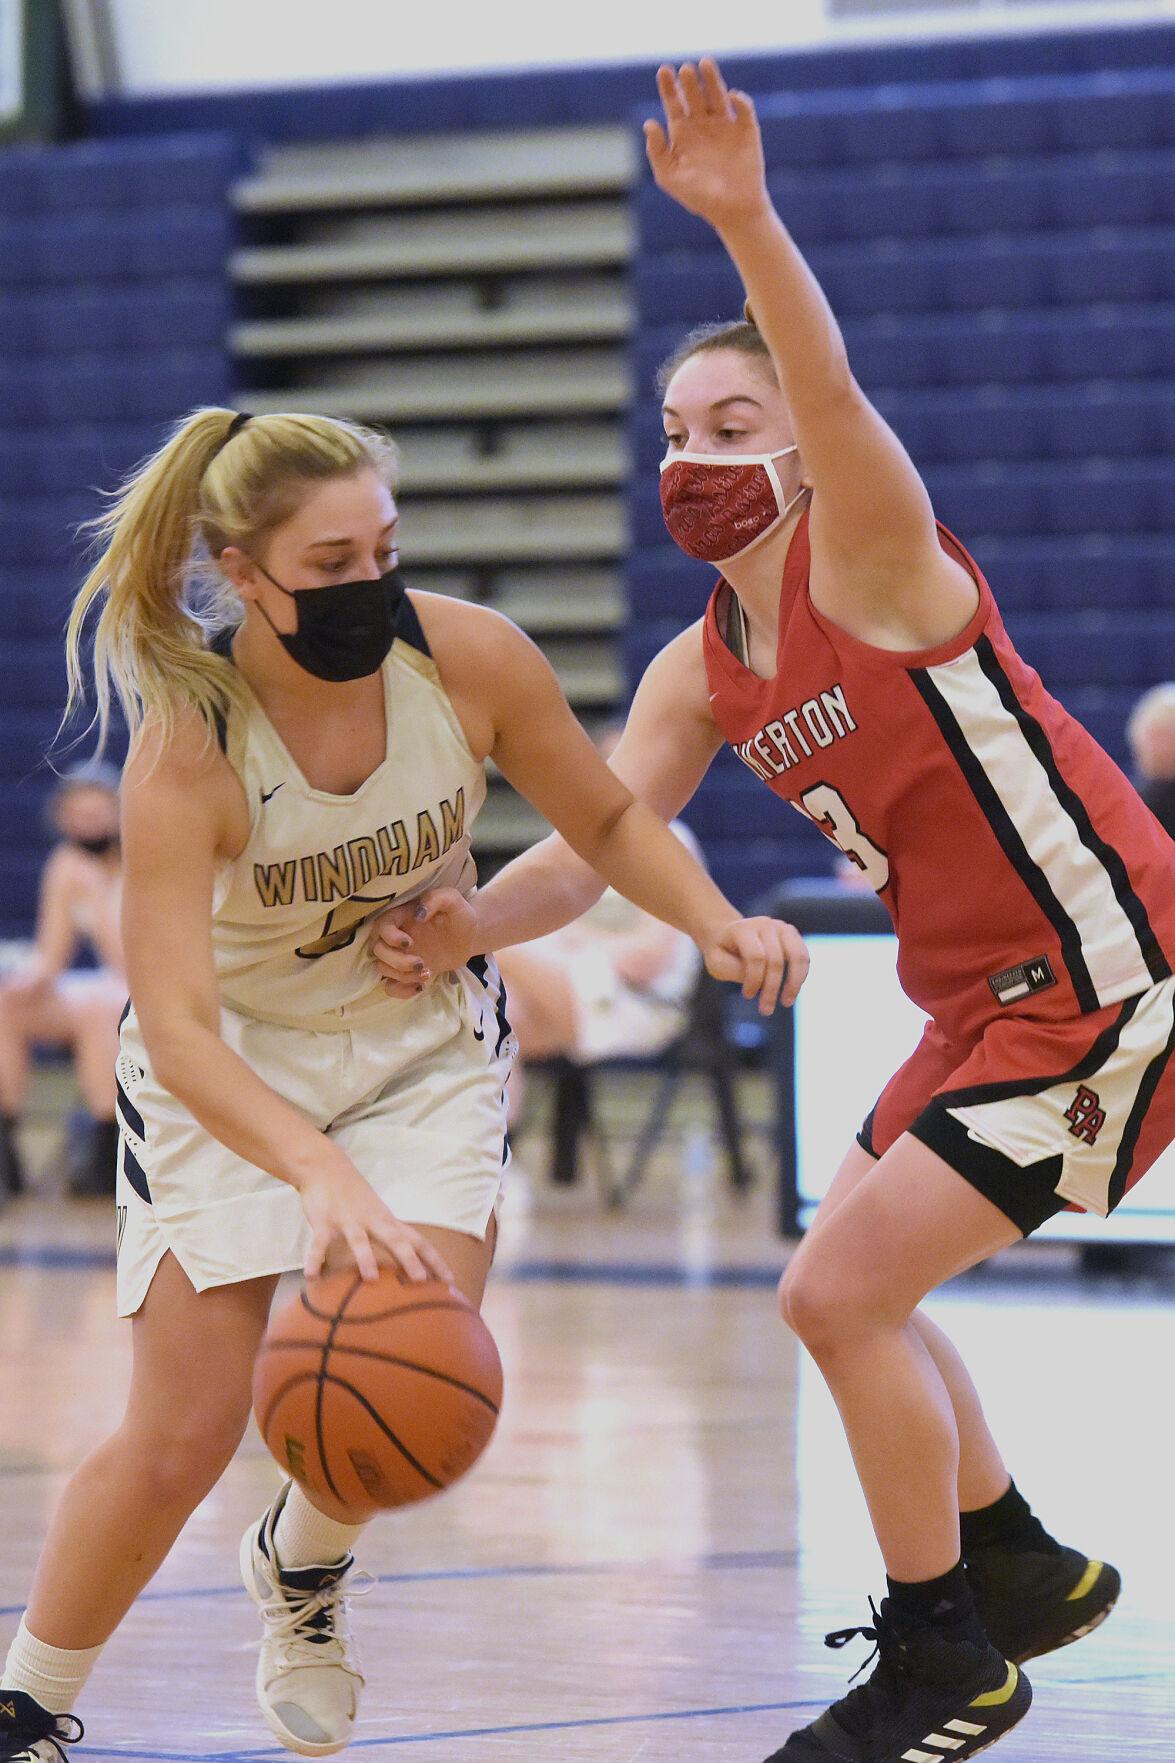 210223_et_tje_girlsbasketball_04.jpg